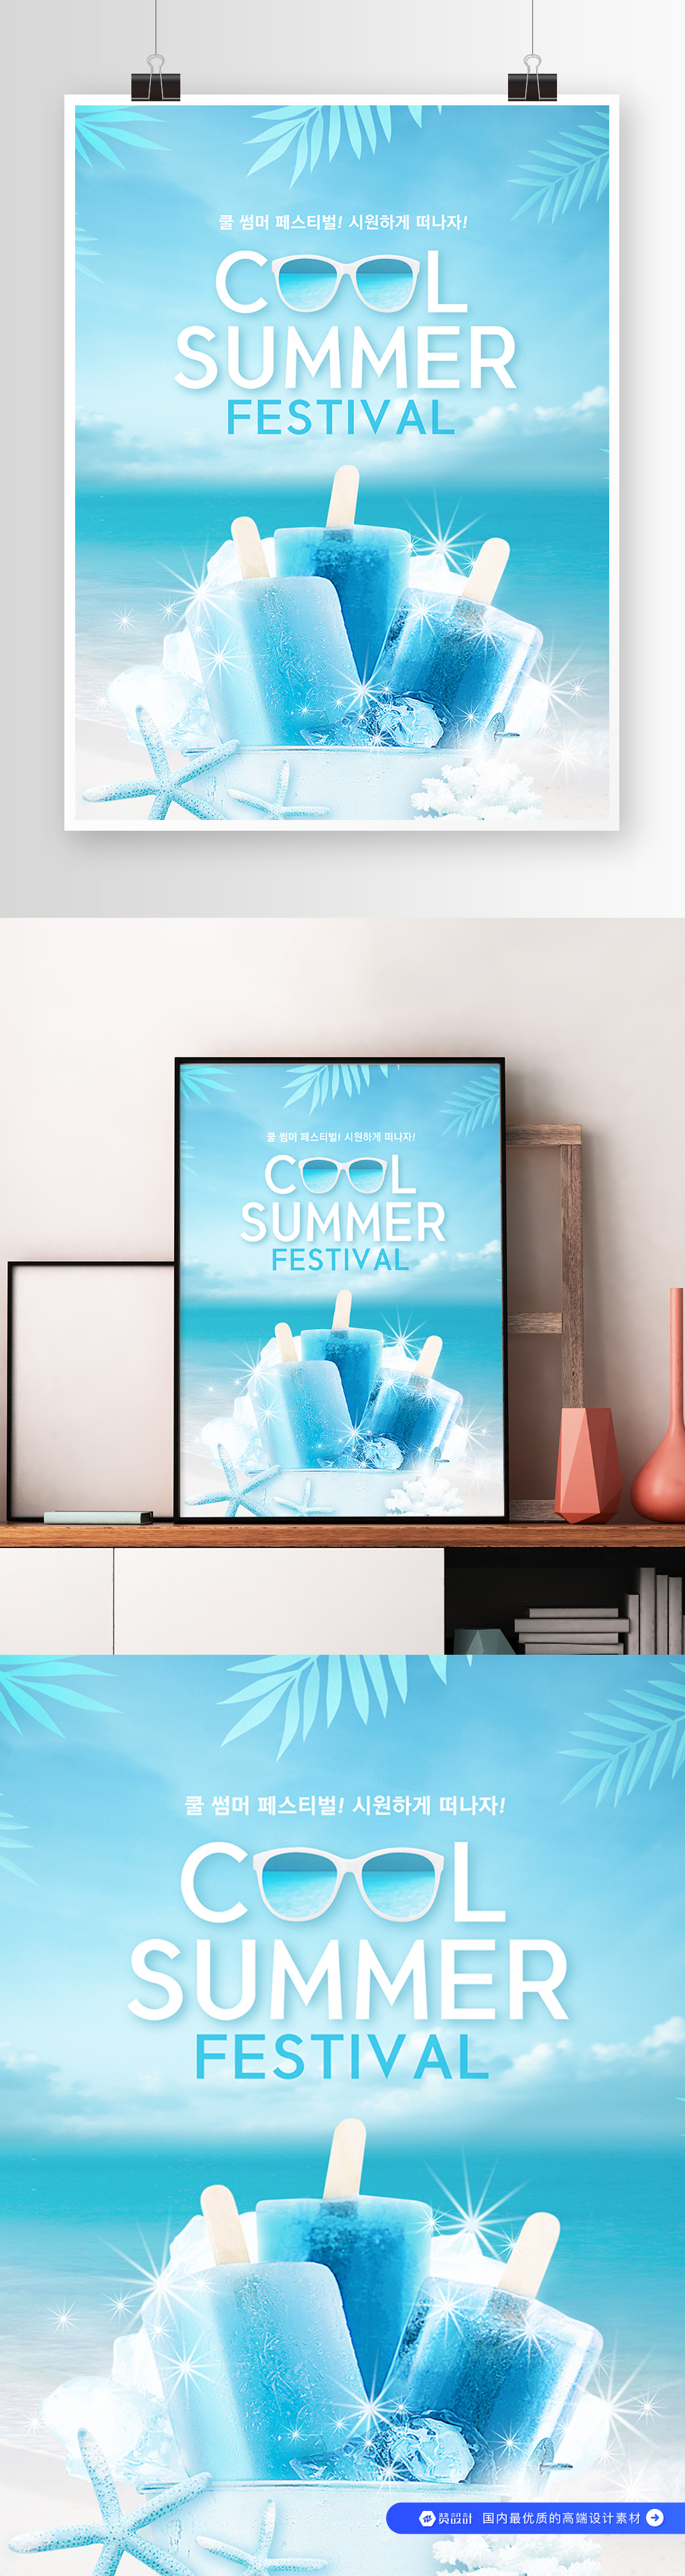 夏季海滩游玩促销海报素材 (9)